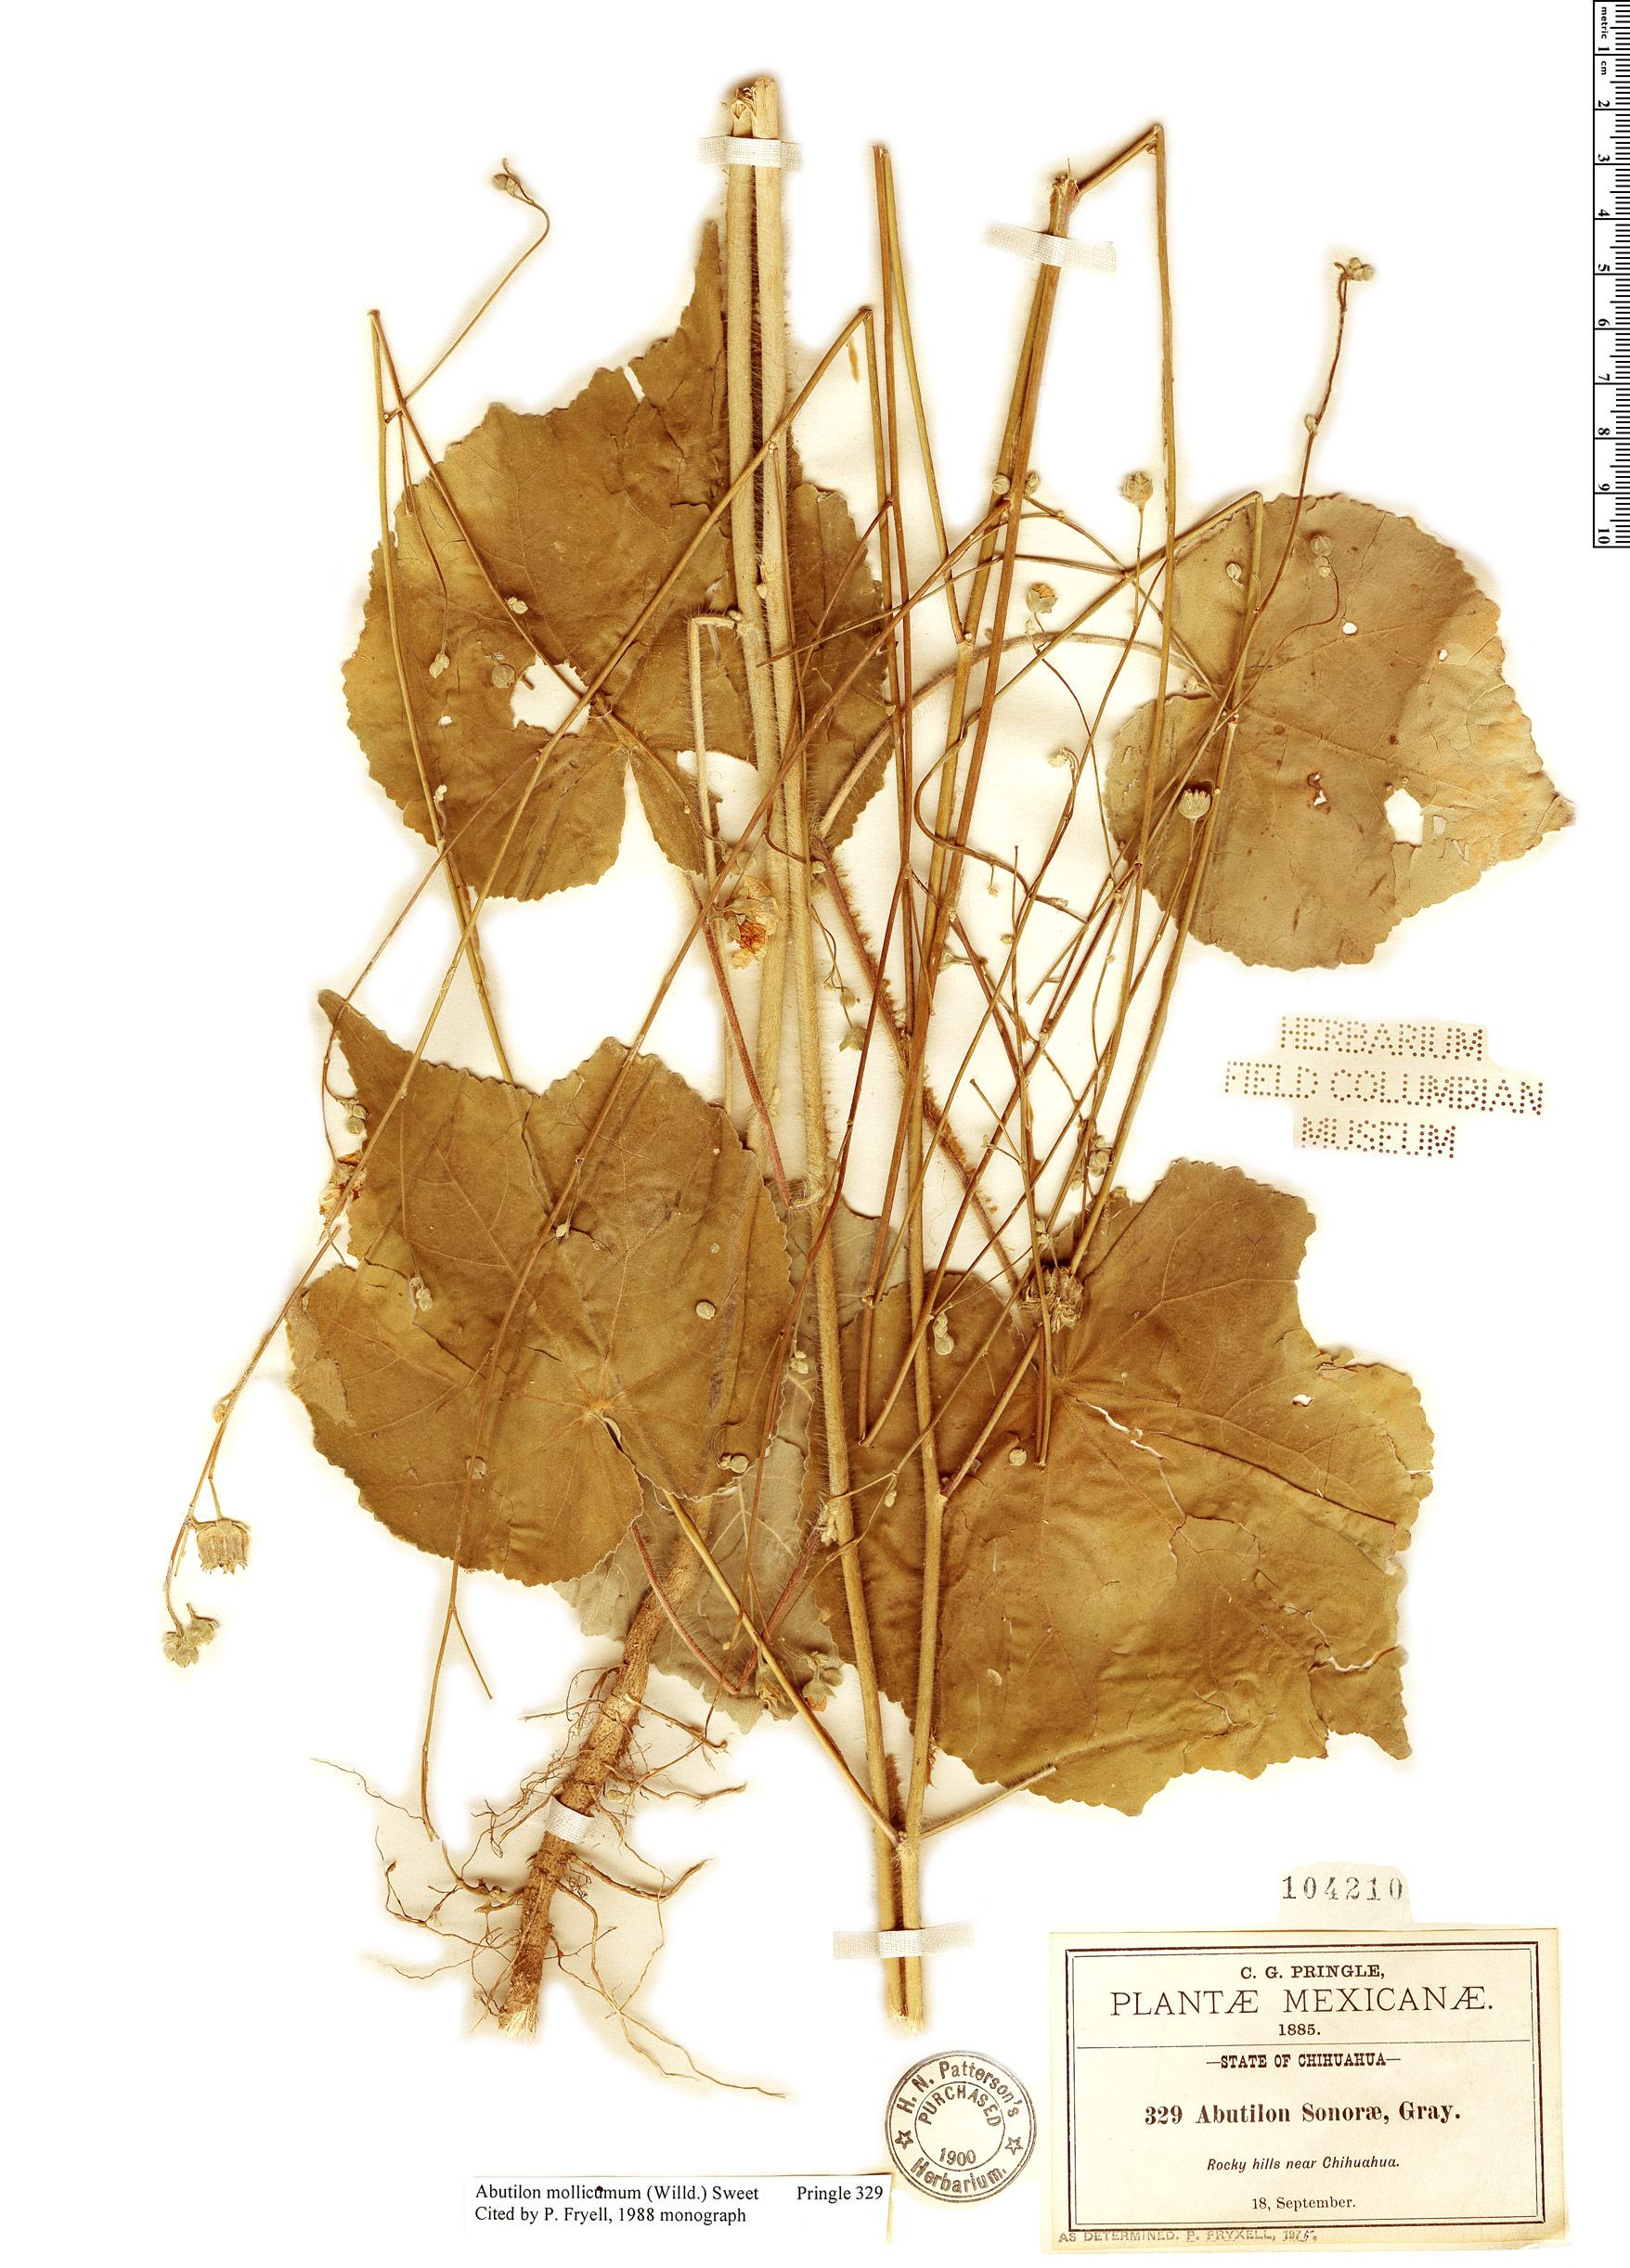 Specimen: Abutilon mollicomum